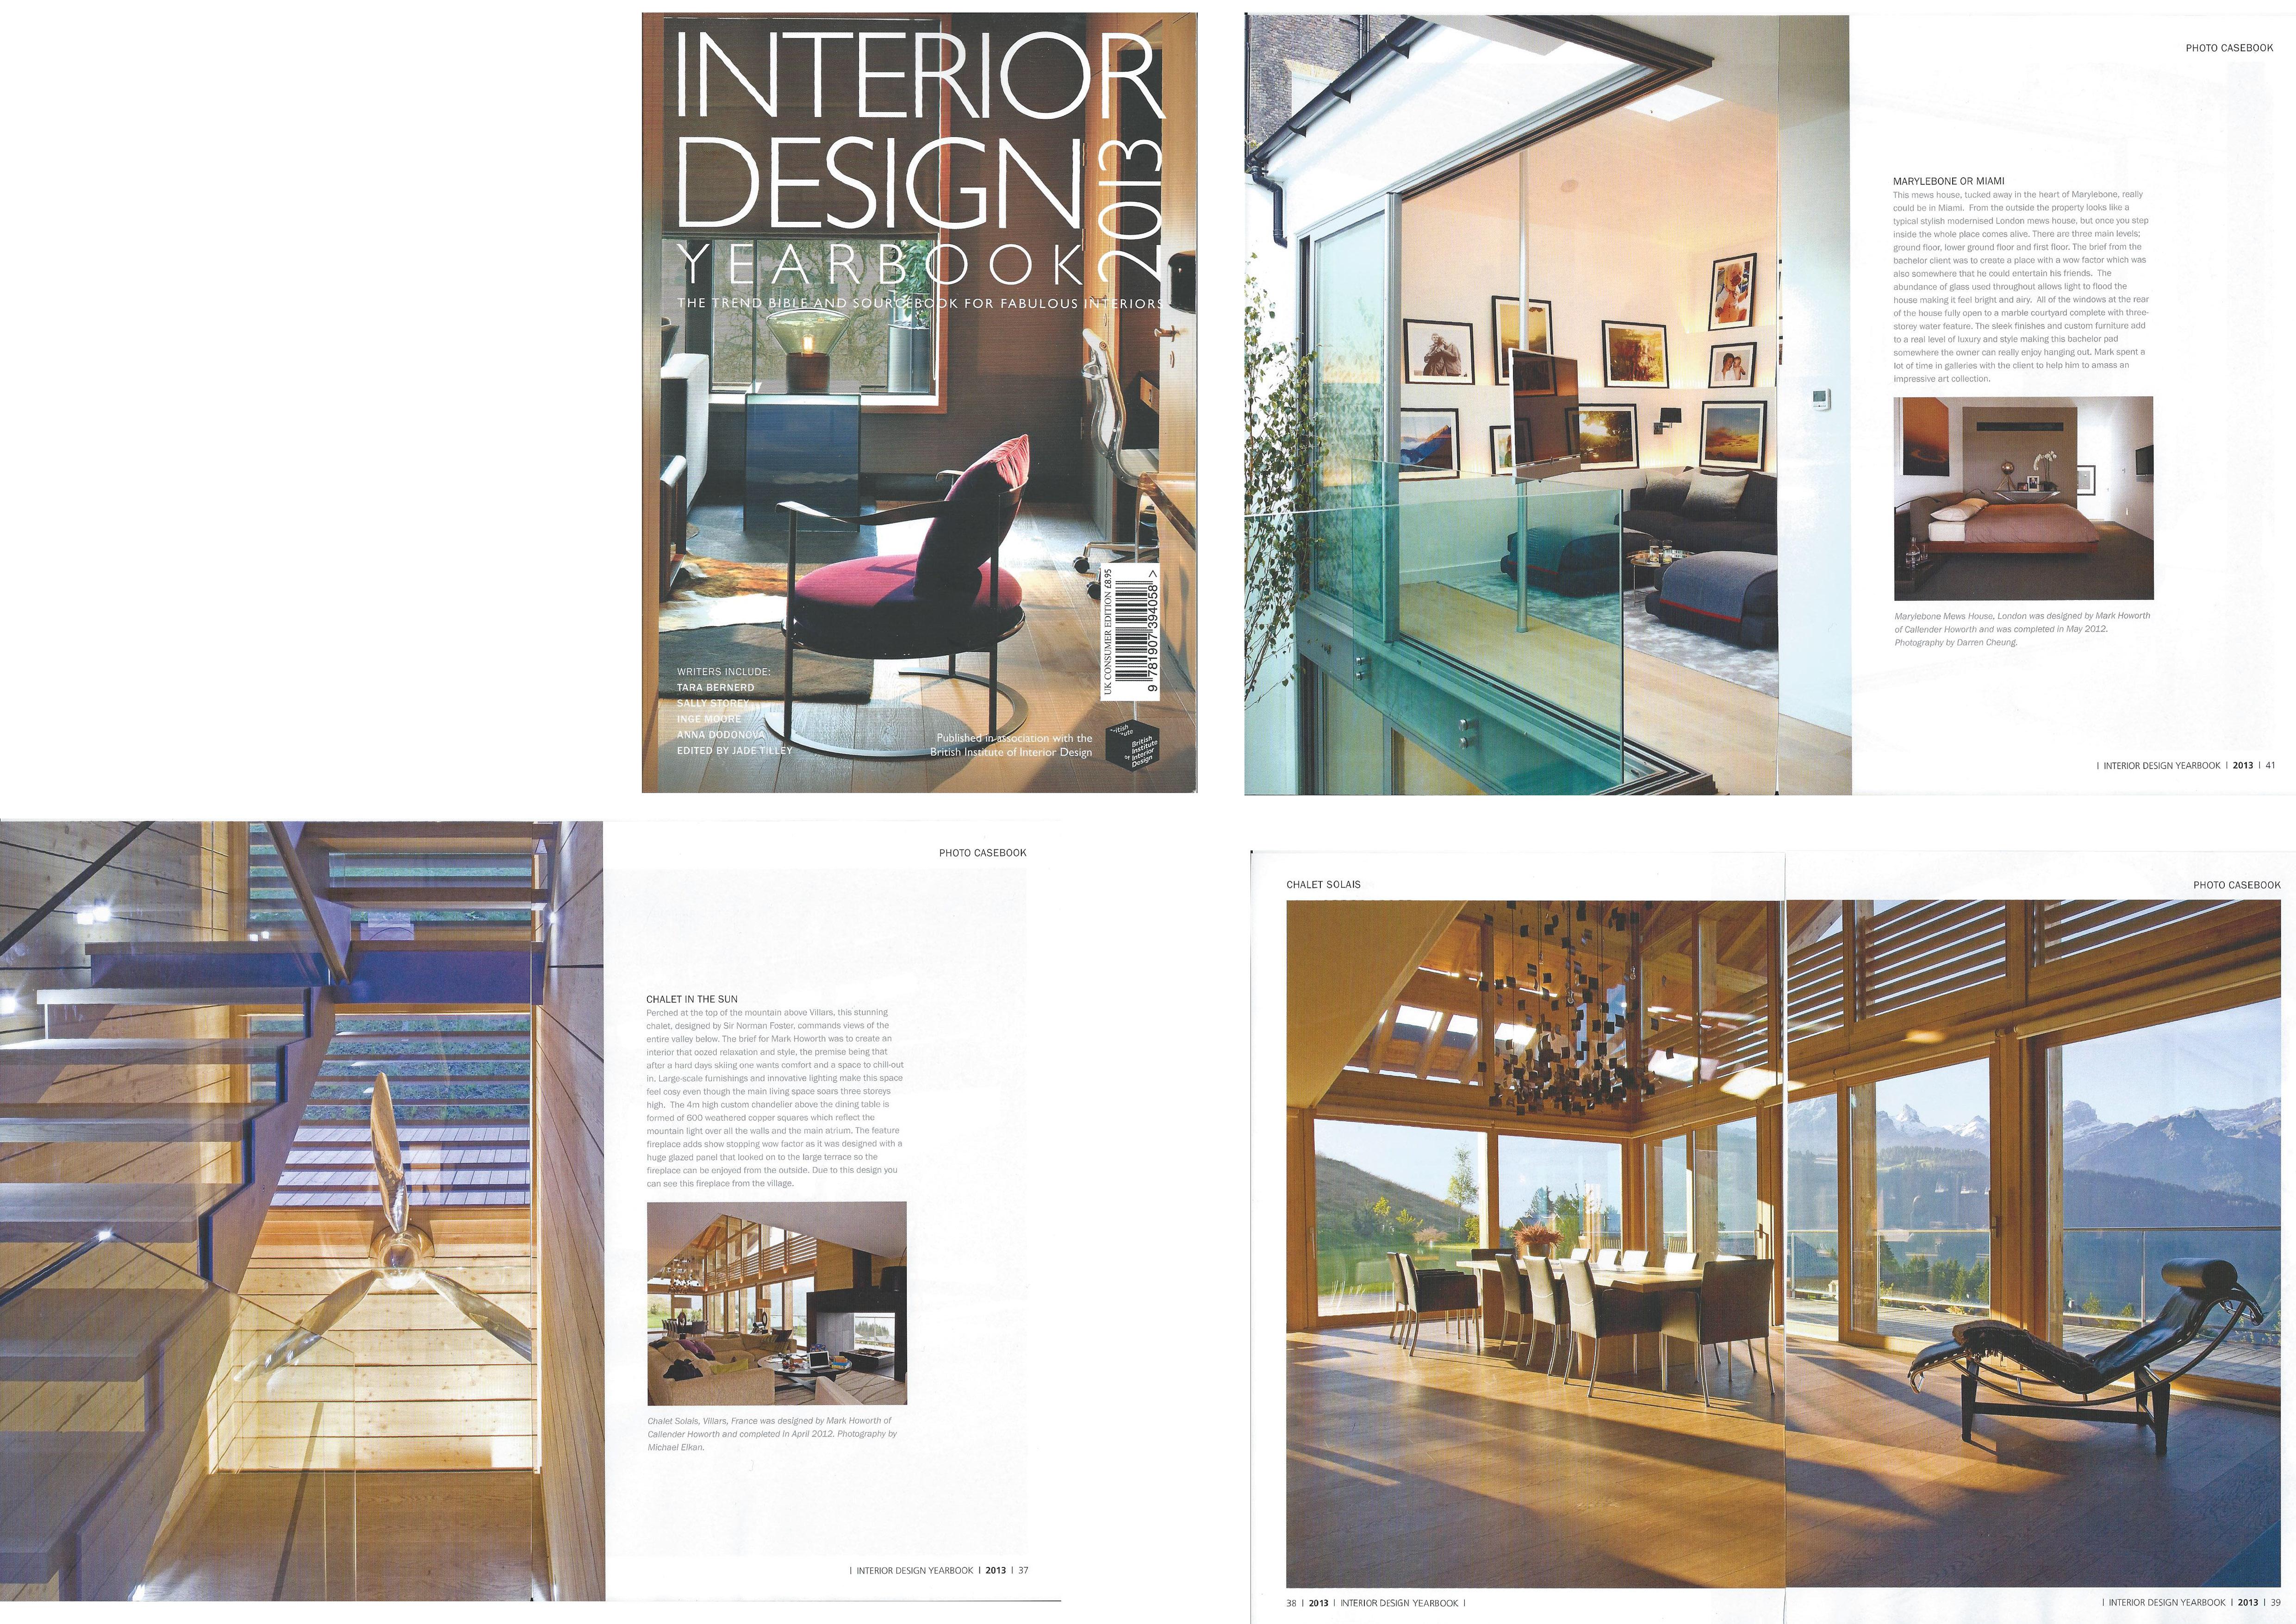 Interior Design Yearbook Read Full Article